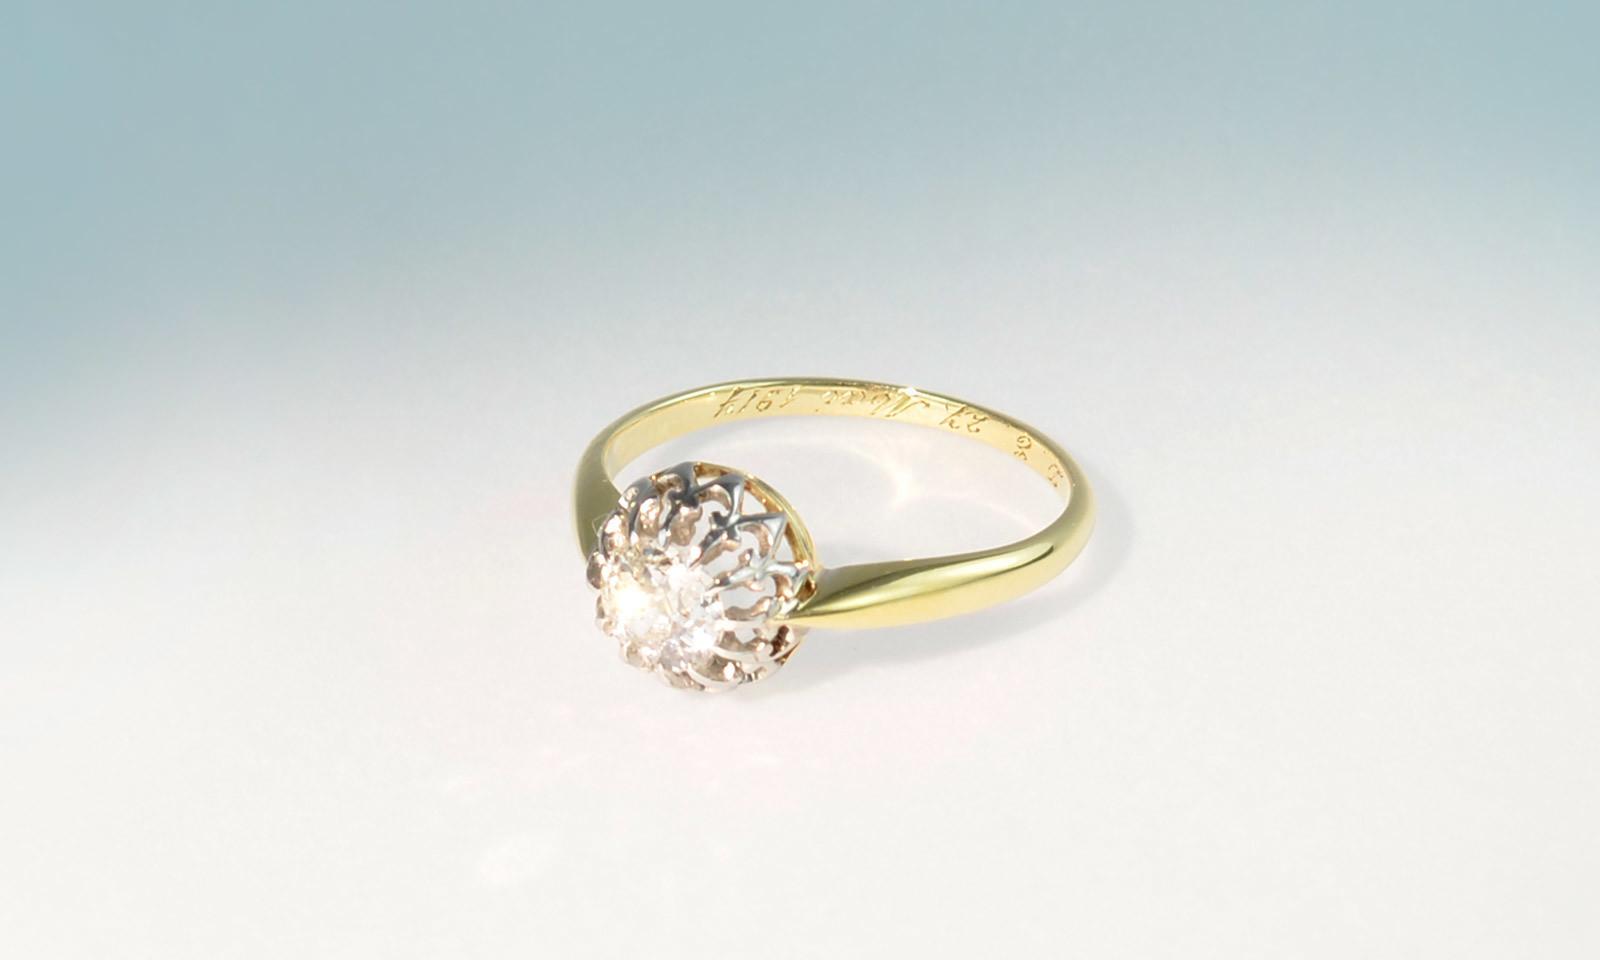 Ring antik solitaer. Ring Platin auf Gelbgold 750, um 1917, mit Diamant im Altschliff 4.5 x 5 mm, CHF 1900.-